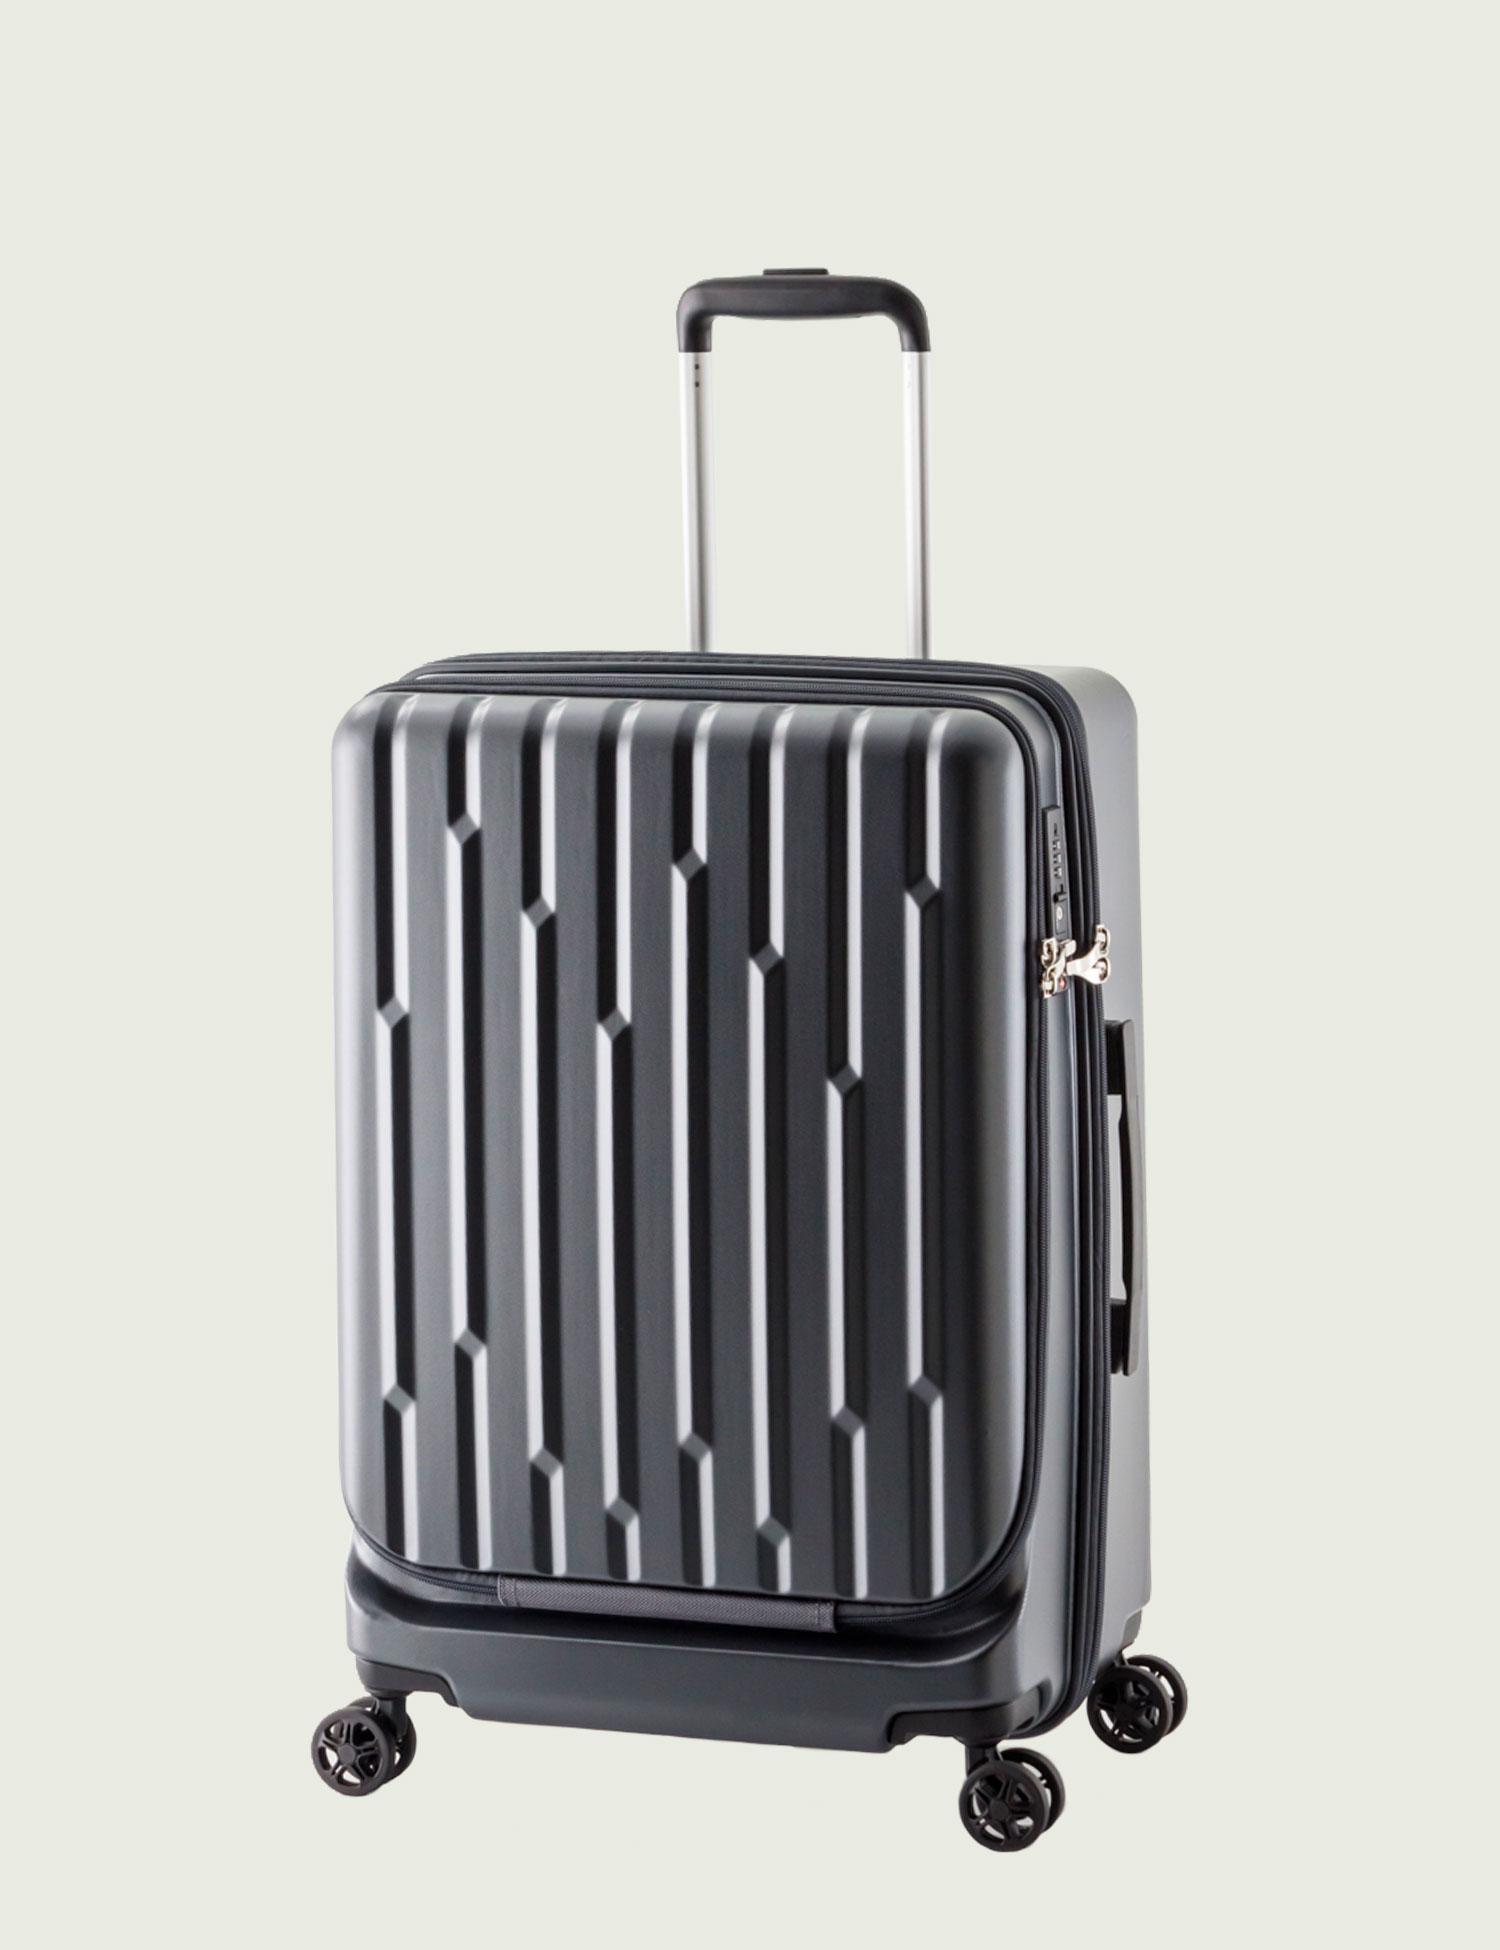 Gale ²ール 5 6泊用 Gale F24 60l ¢ジア éゲージ Ņ¬å¼ã'µã'¤ãƒˆ Asia Luggage